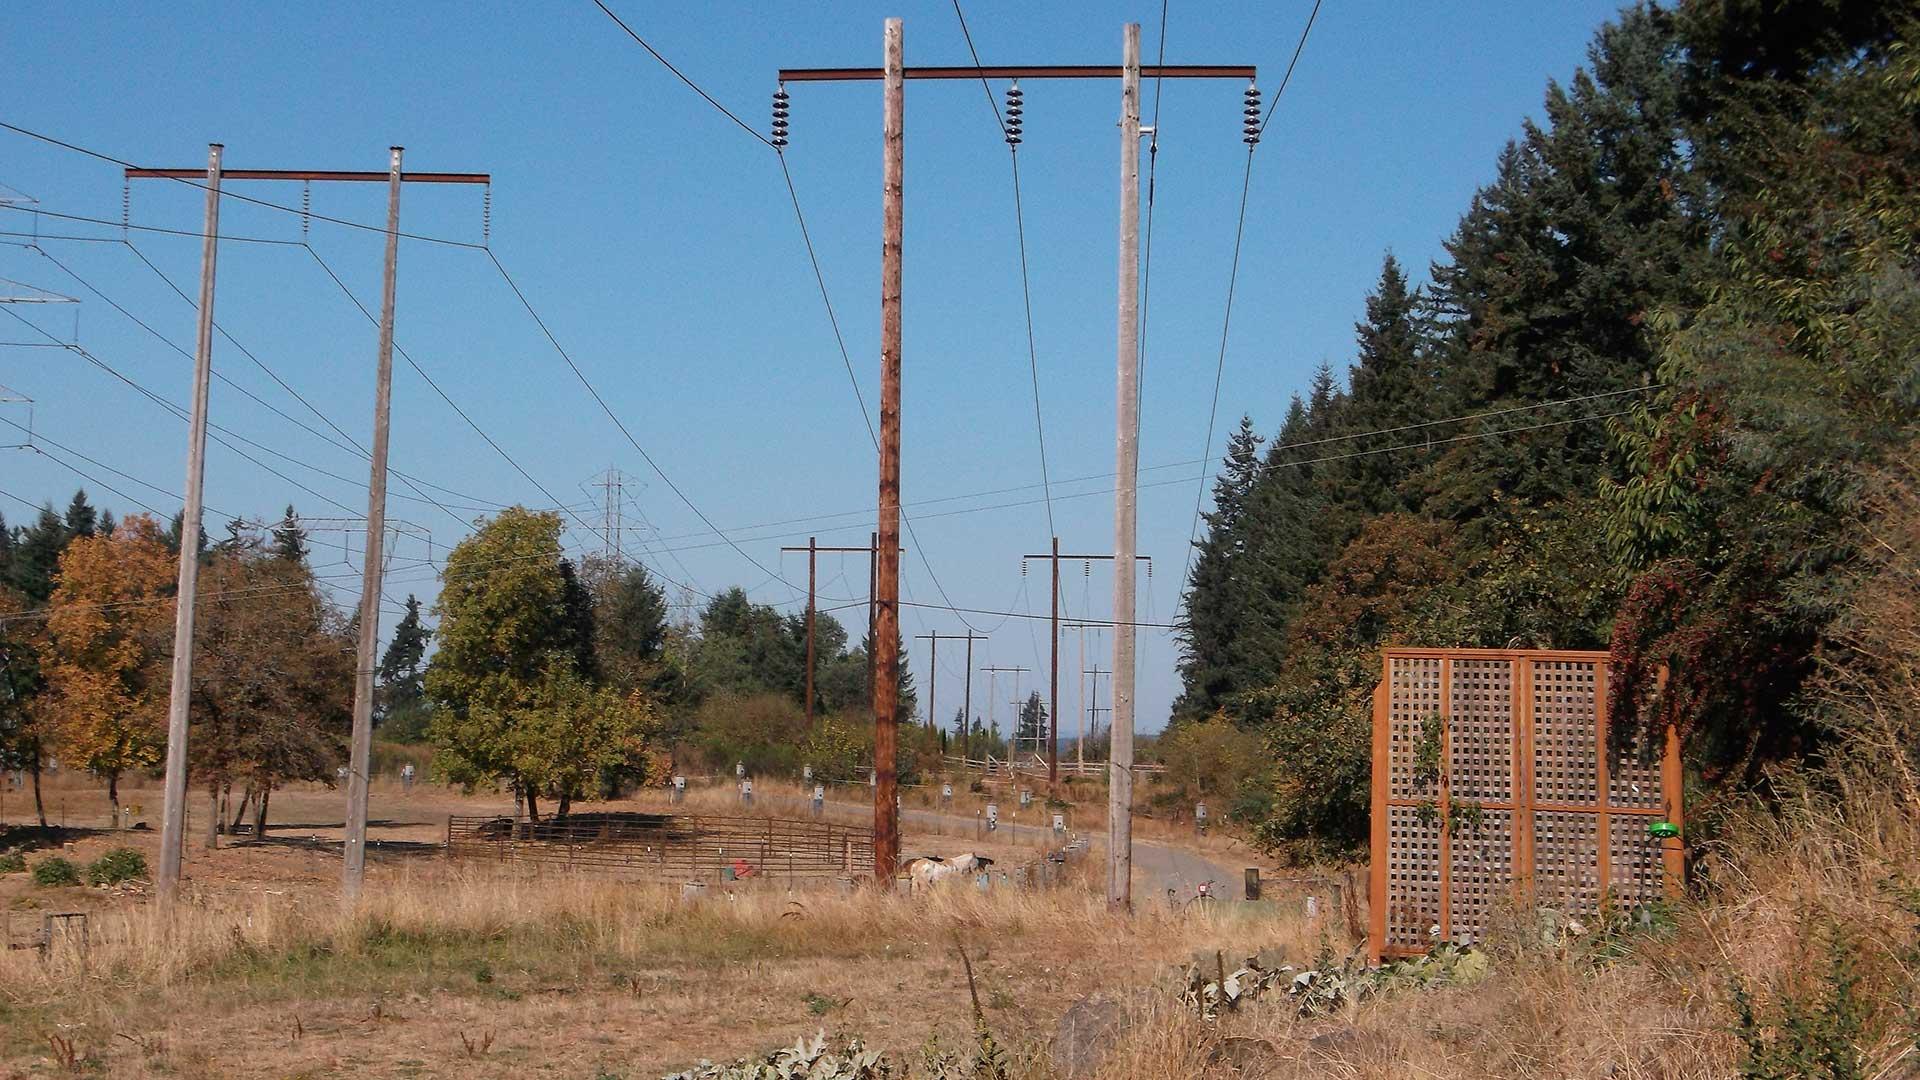 Keeler-Oregon City - transmission line